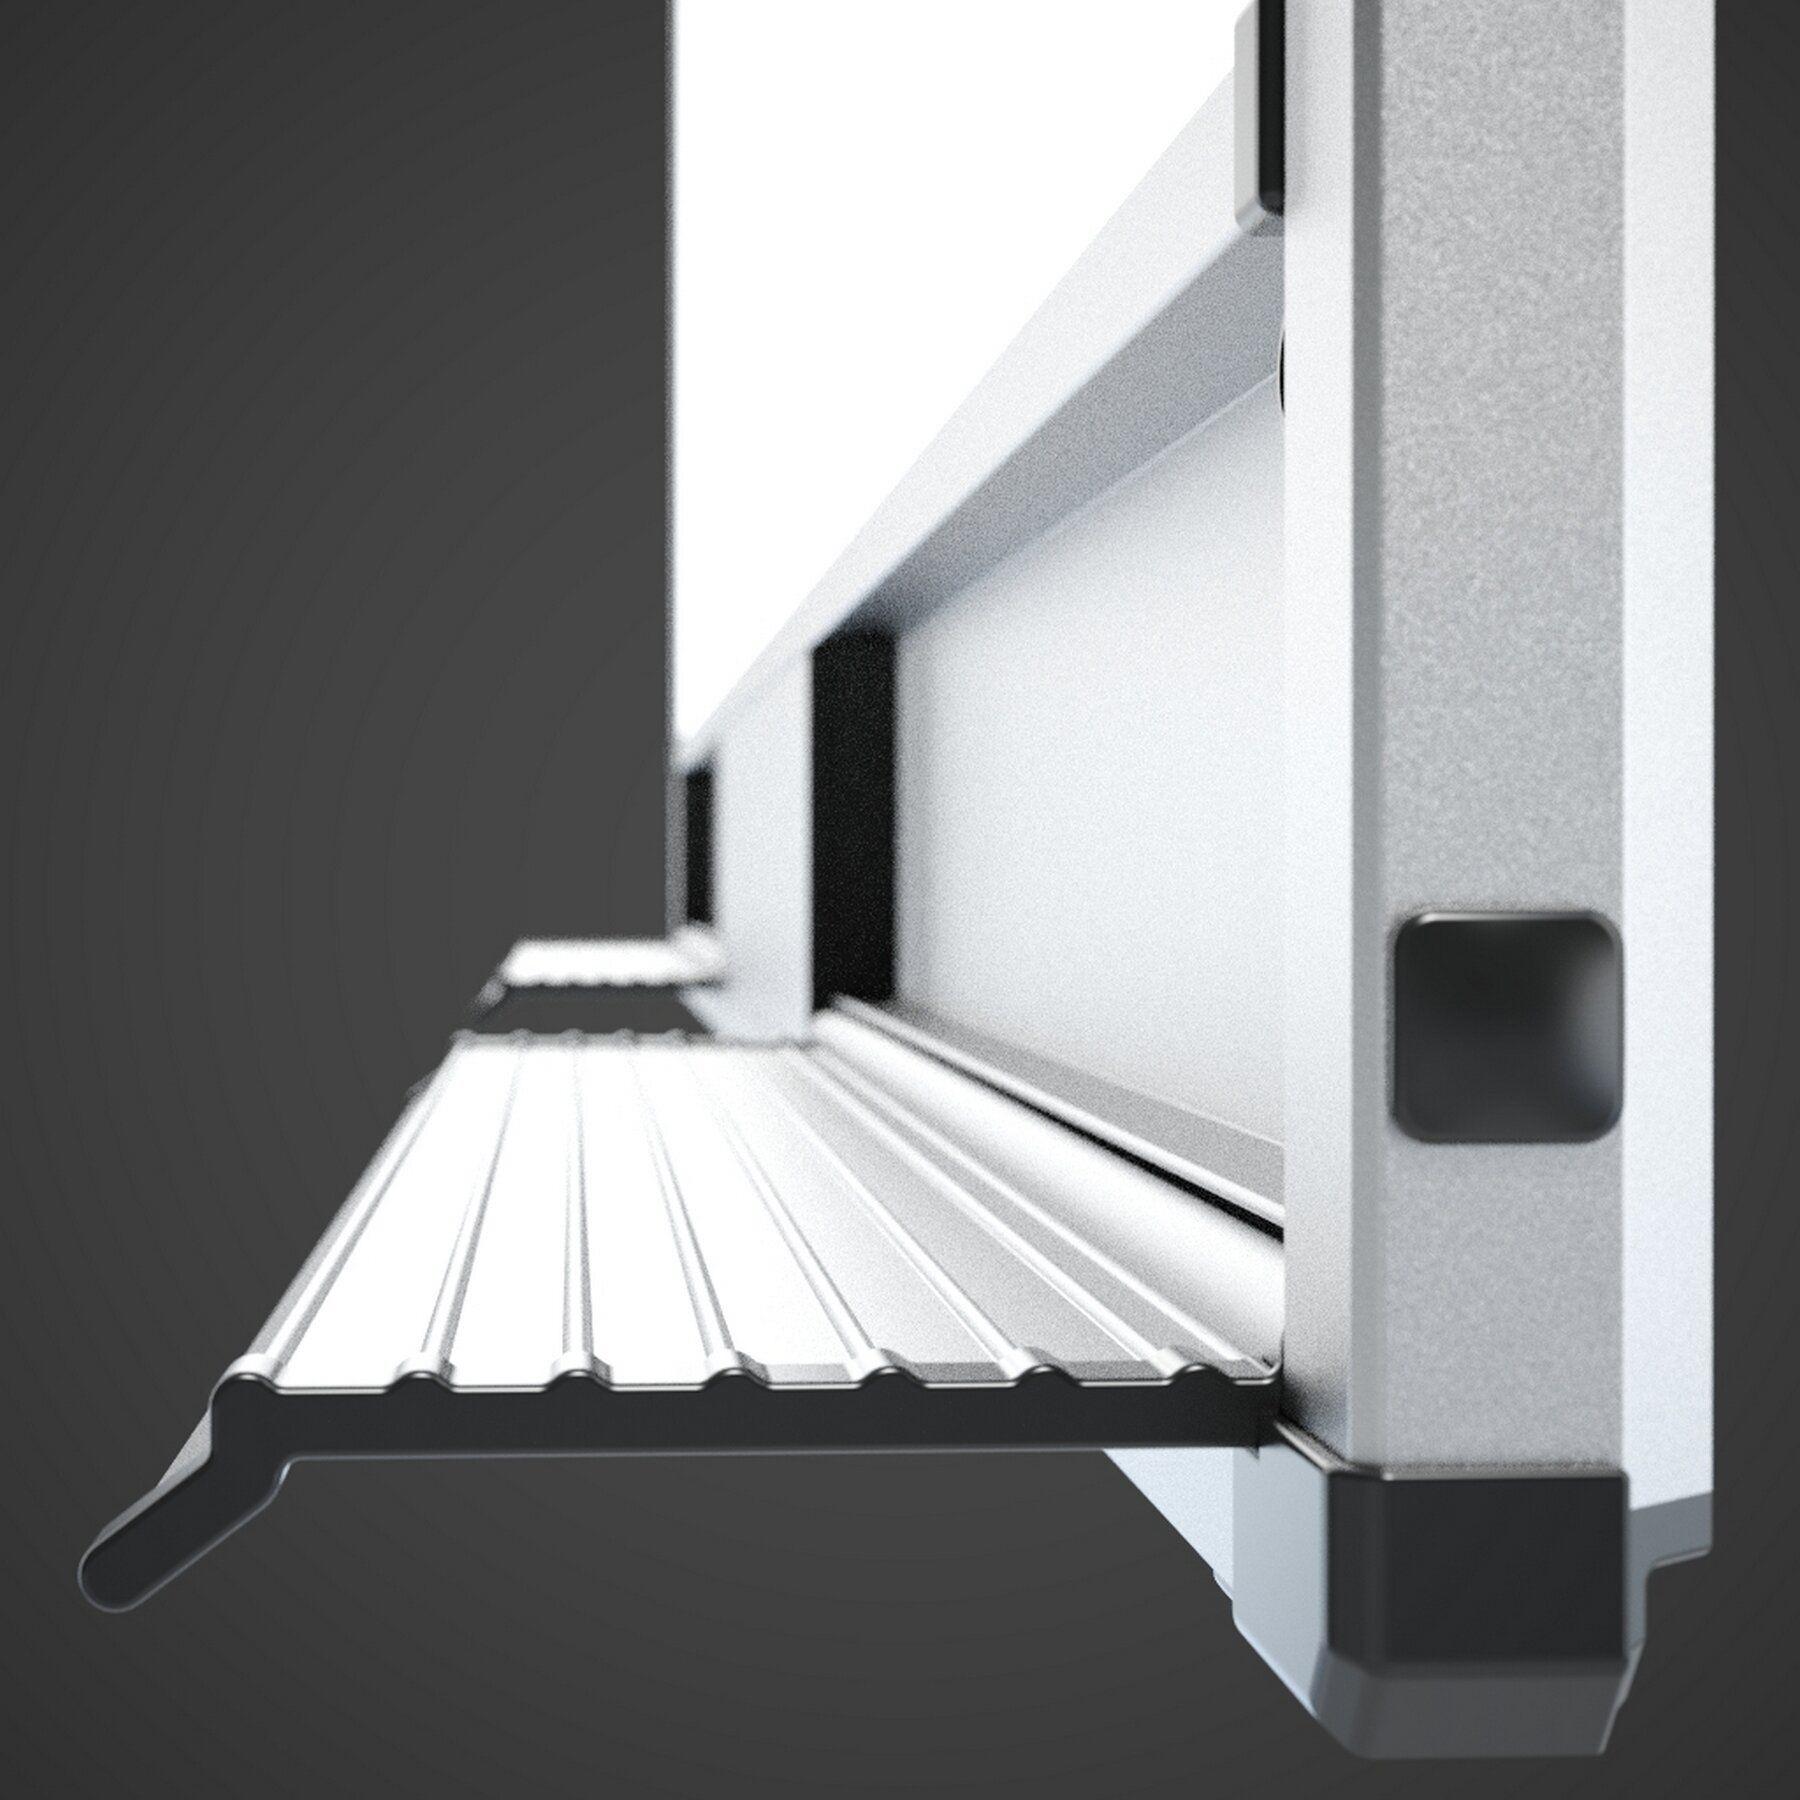 Доска белая магнитная сухостираемая StarBoard 120*180см., алюминиевая рамка, лак 2x3 - фото 7